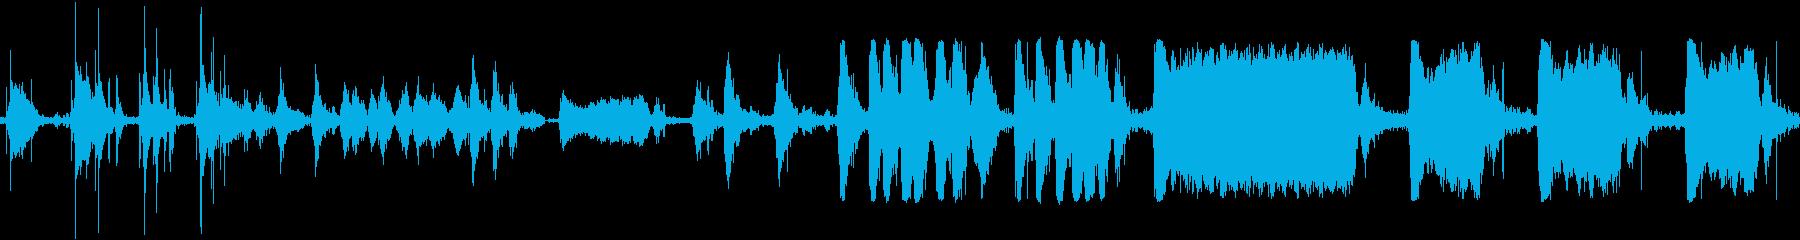 モーターのオフサステインスイッチの再生済みの波形